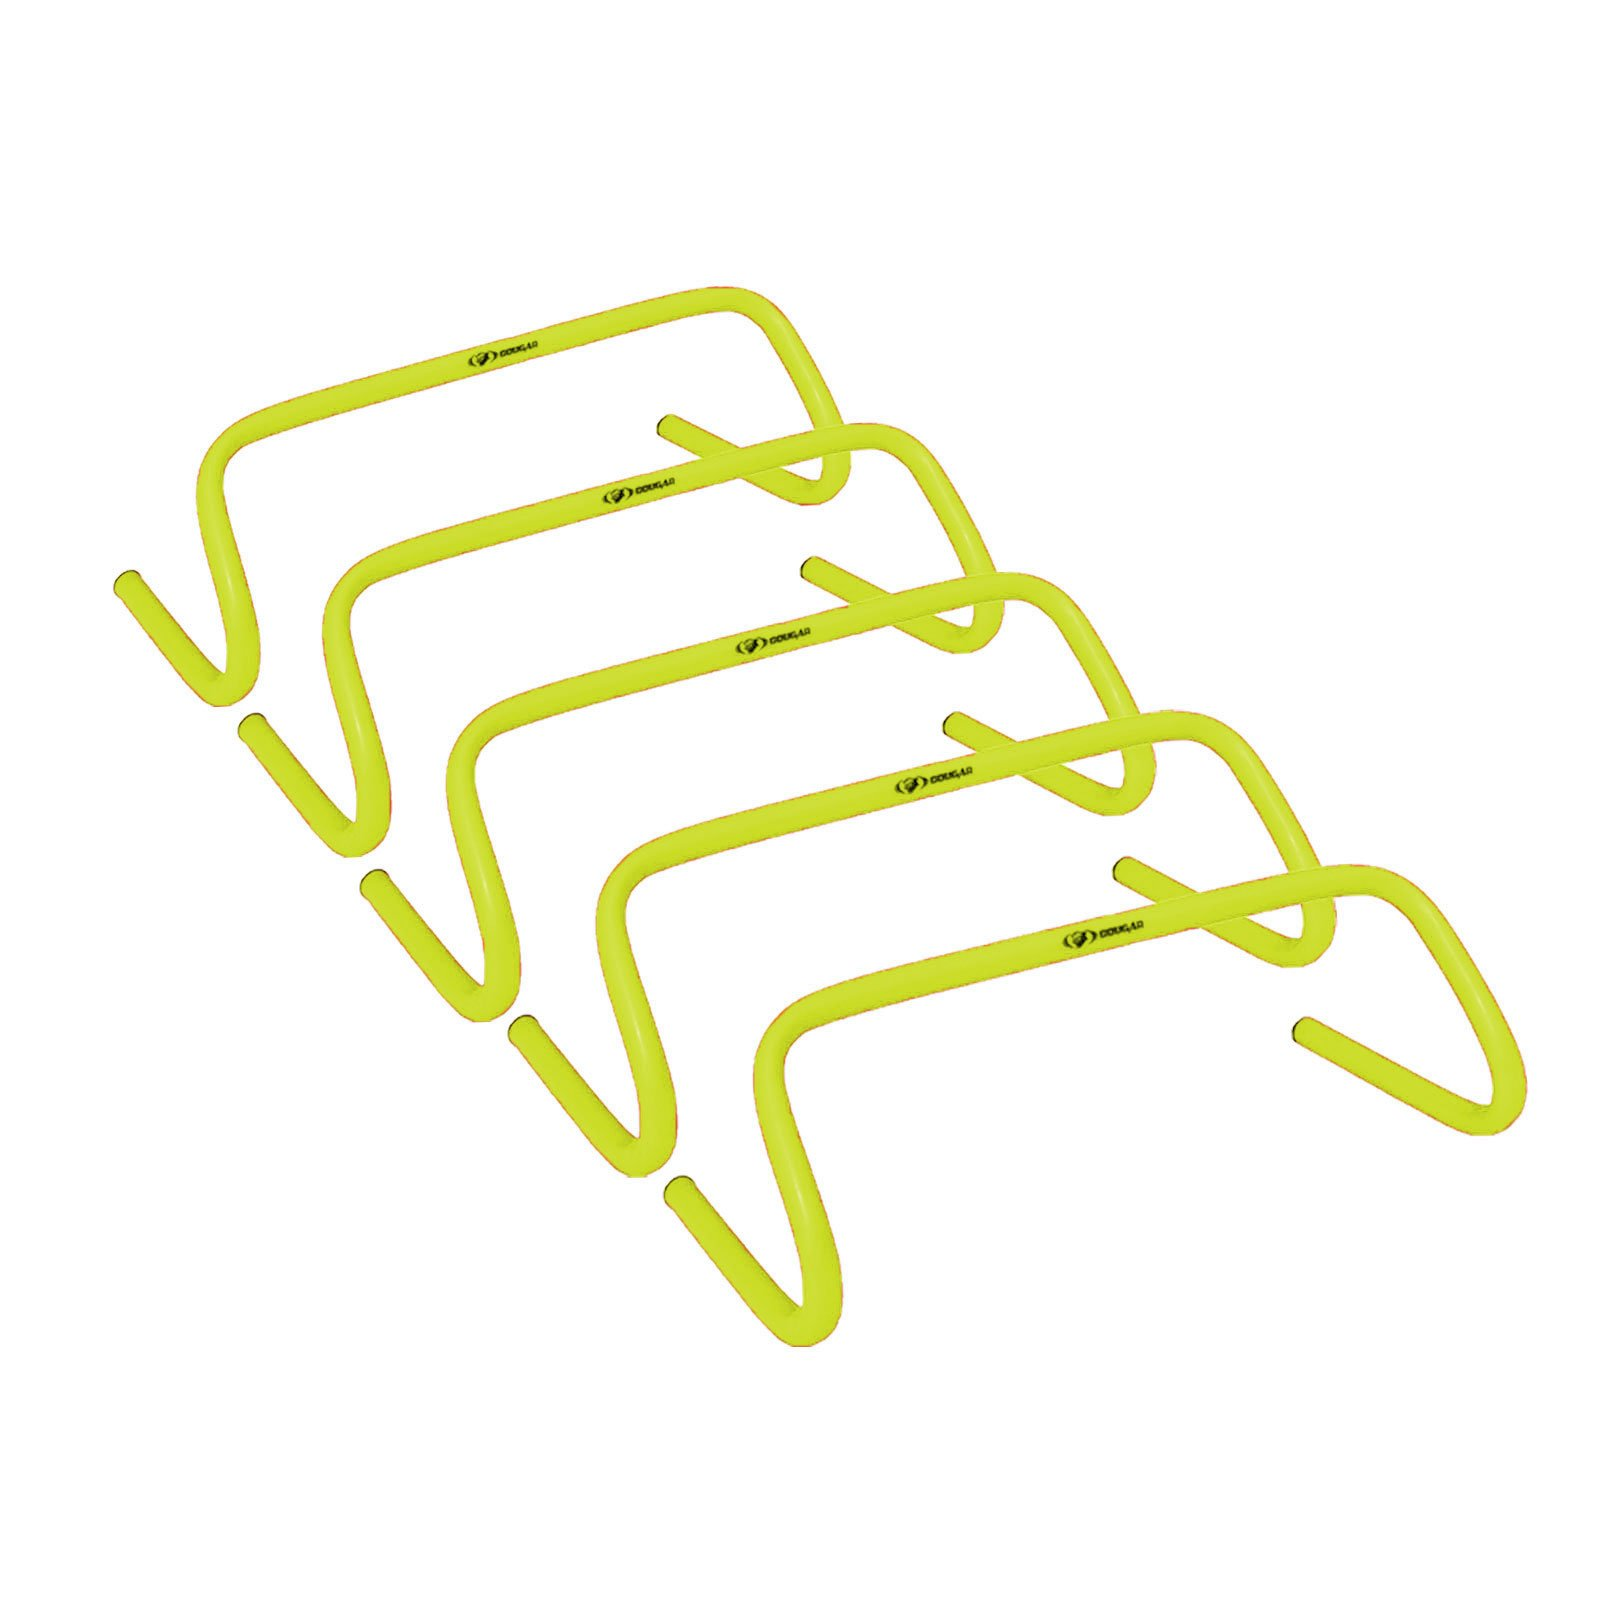 Cougar Speed Hurdles – 6 inches high Hurdles Lemon Yellow (Set of 5)